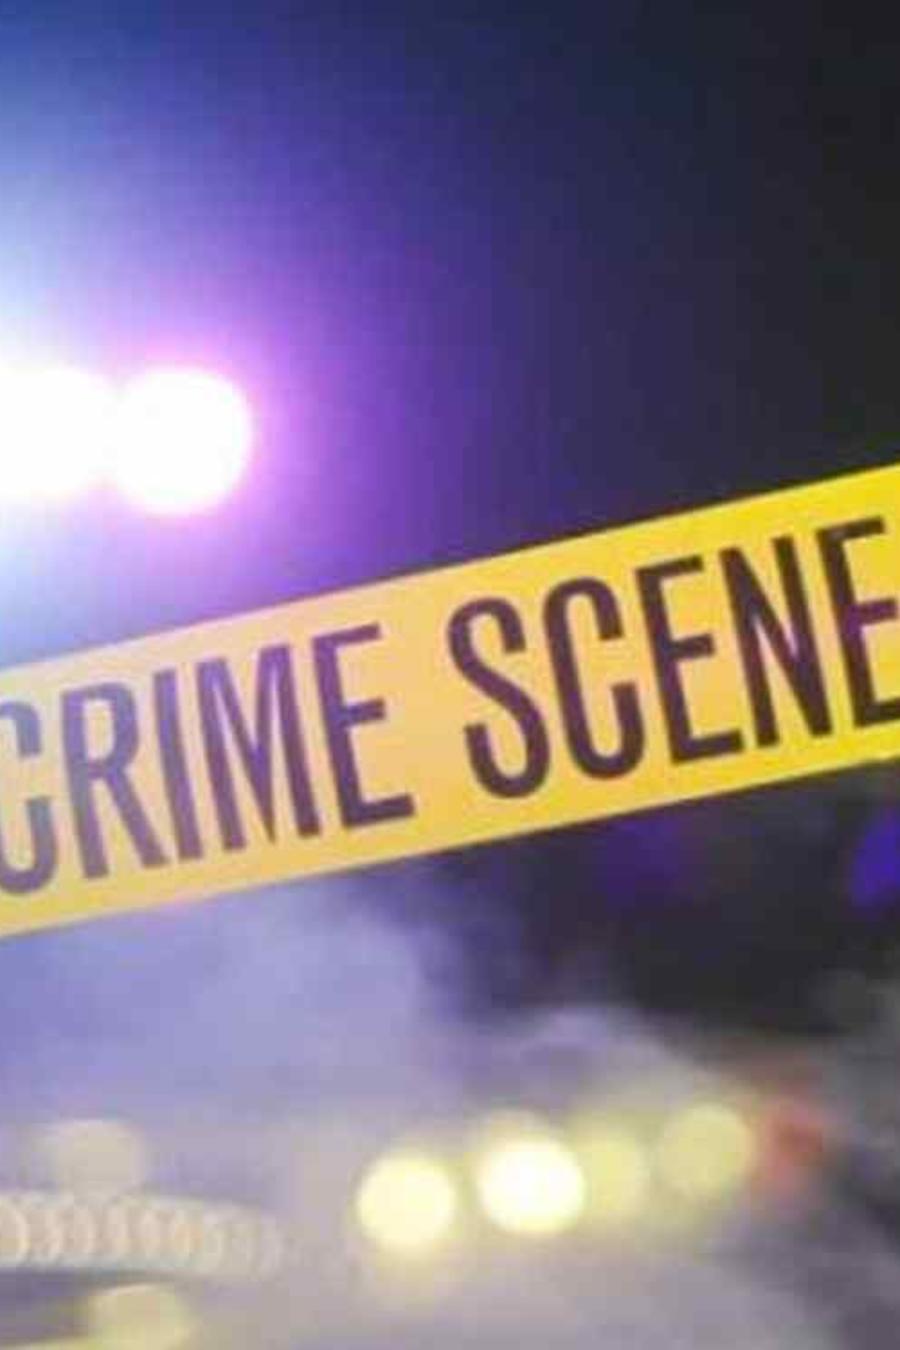 Un cordón policial en una escena del crimen.